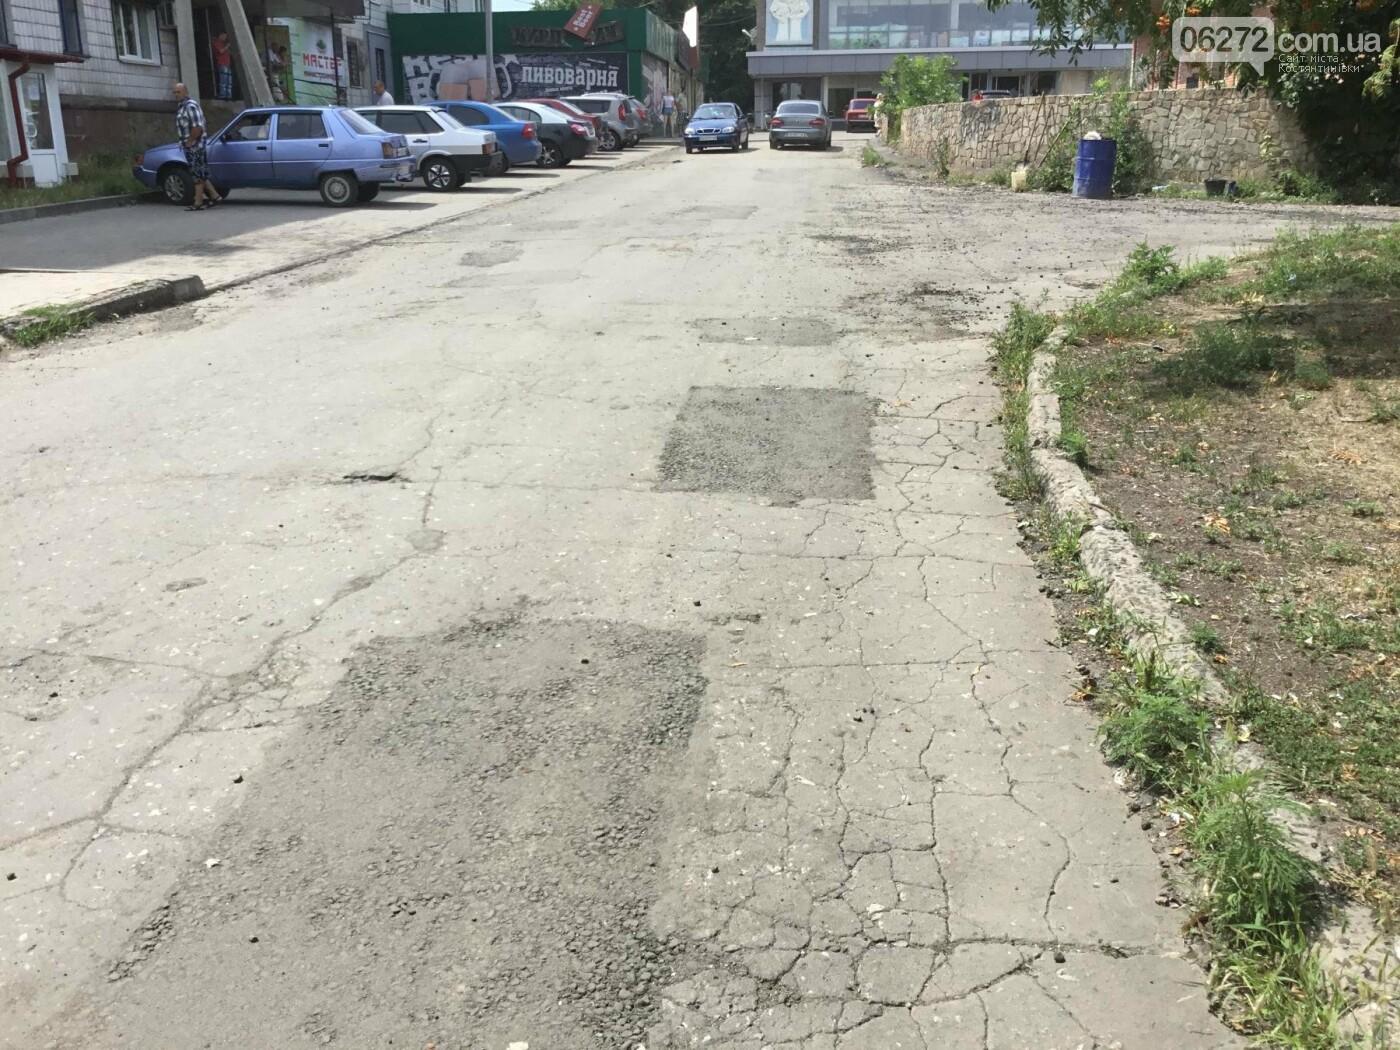 В Константиновке ремонтируют дорогу, фото-5